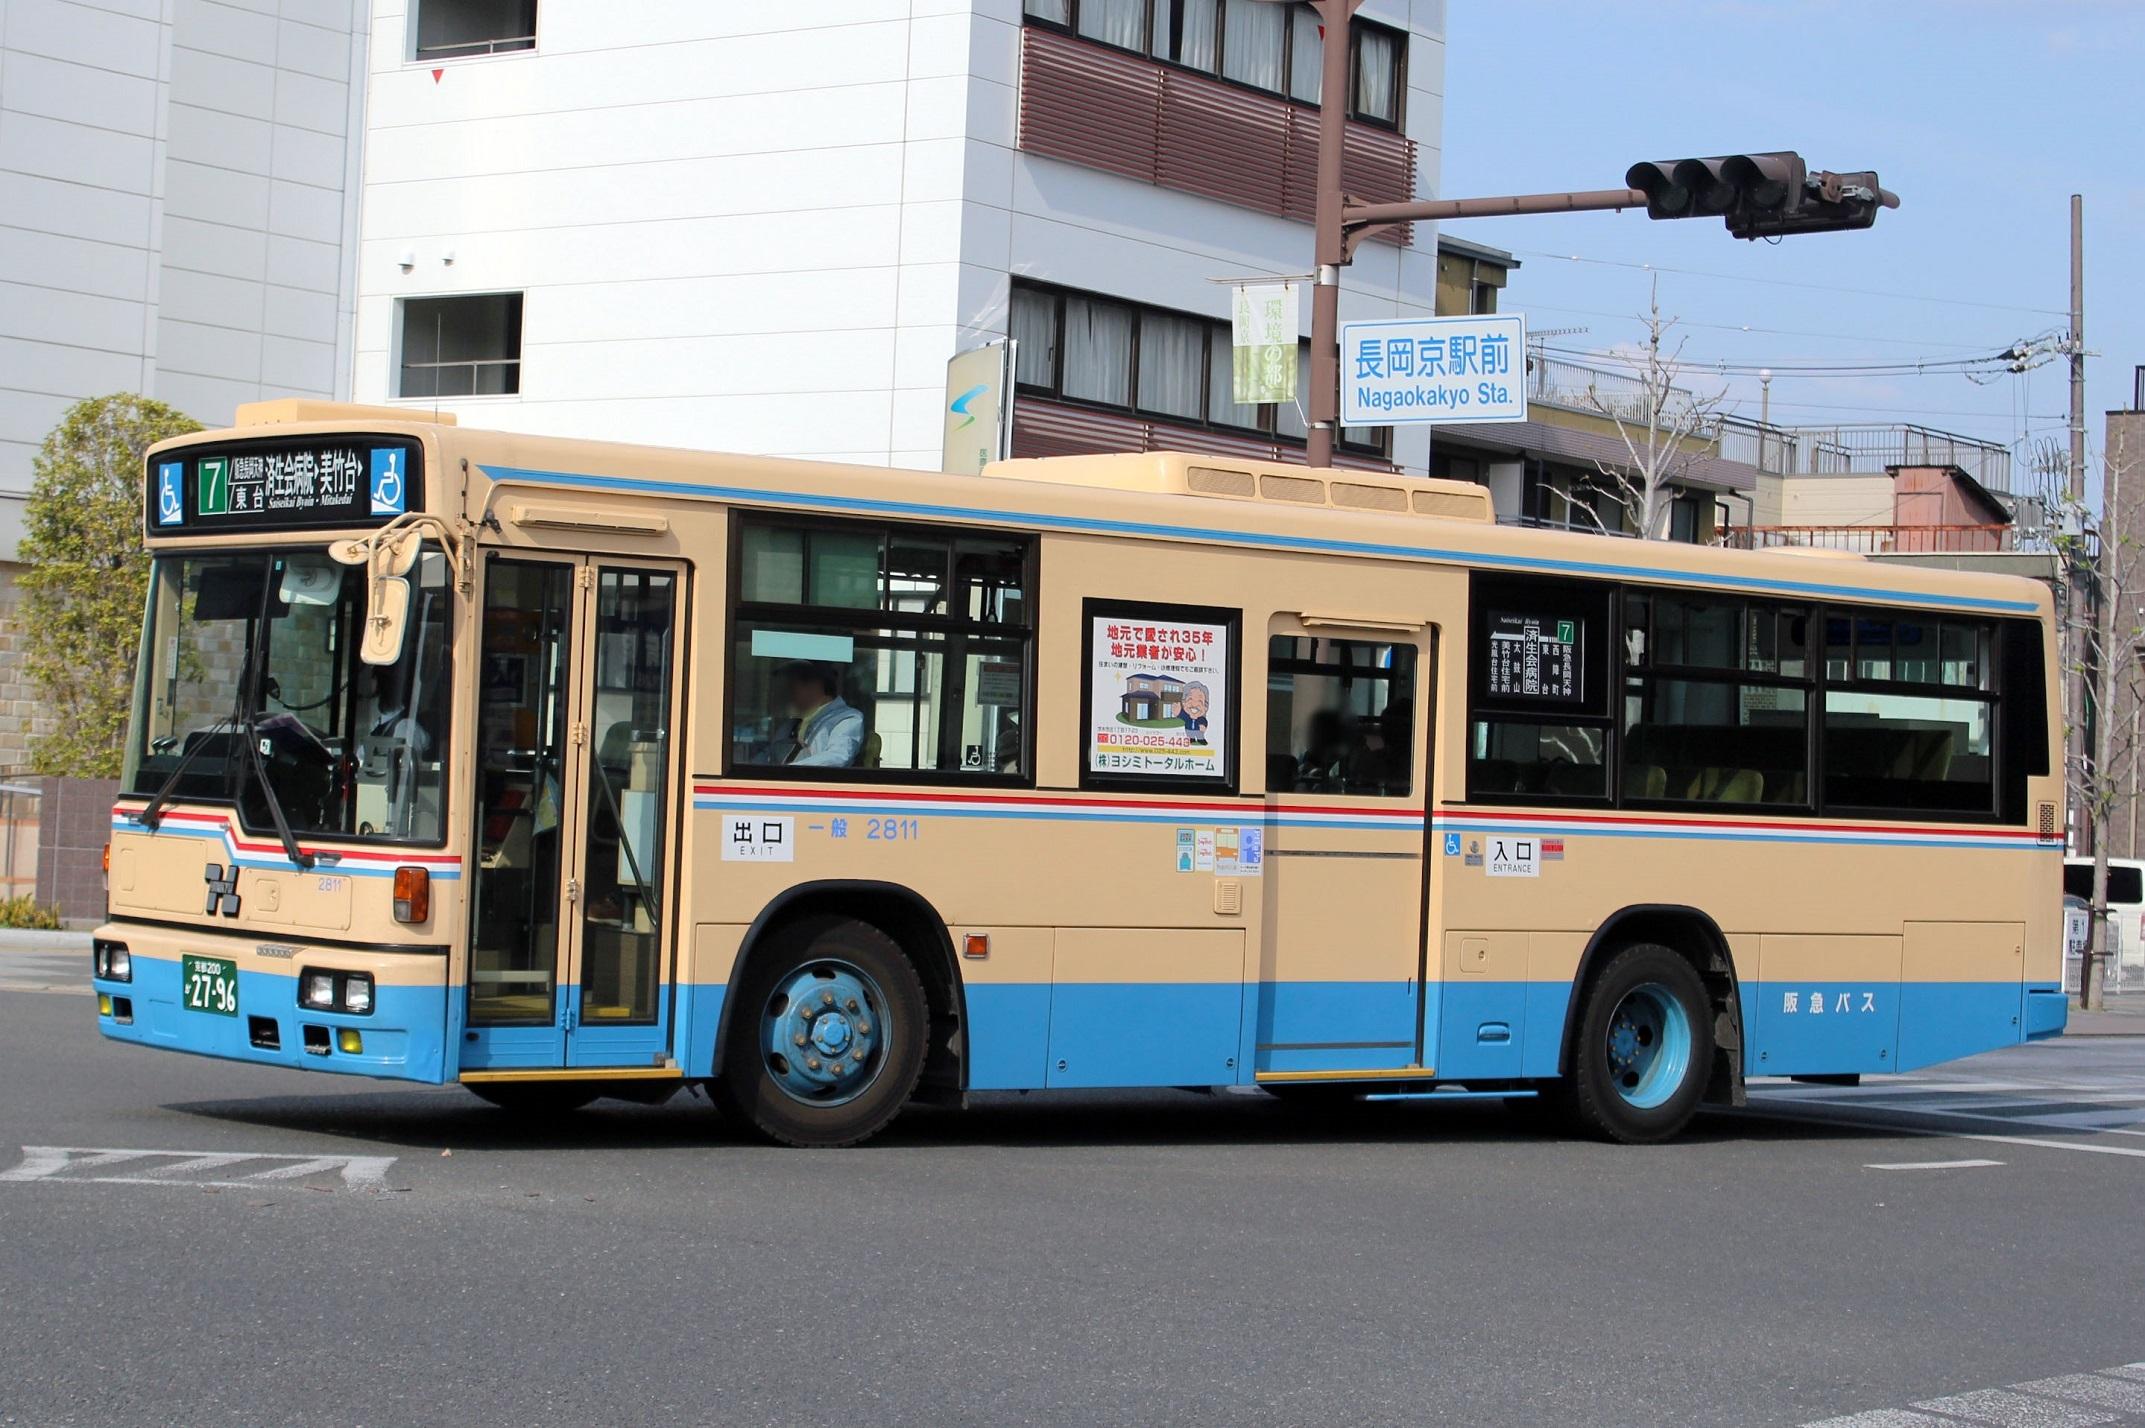 阪急バス 2811